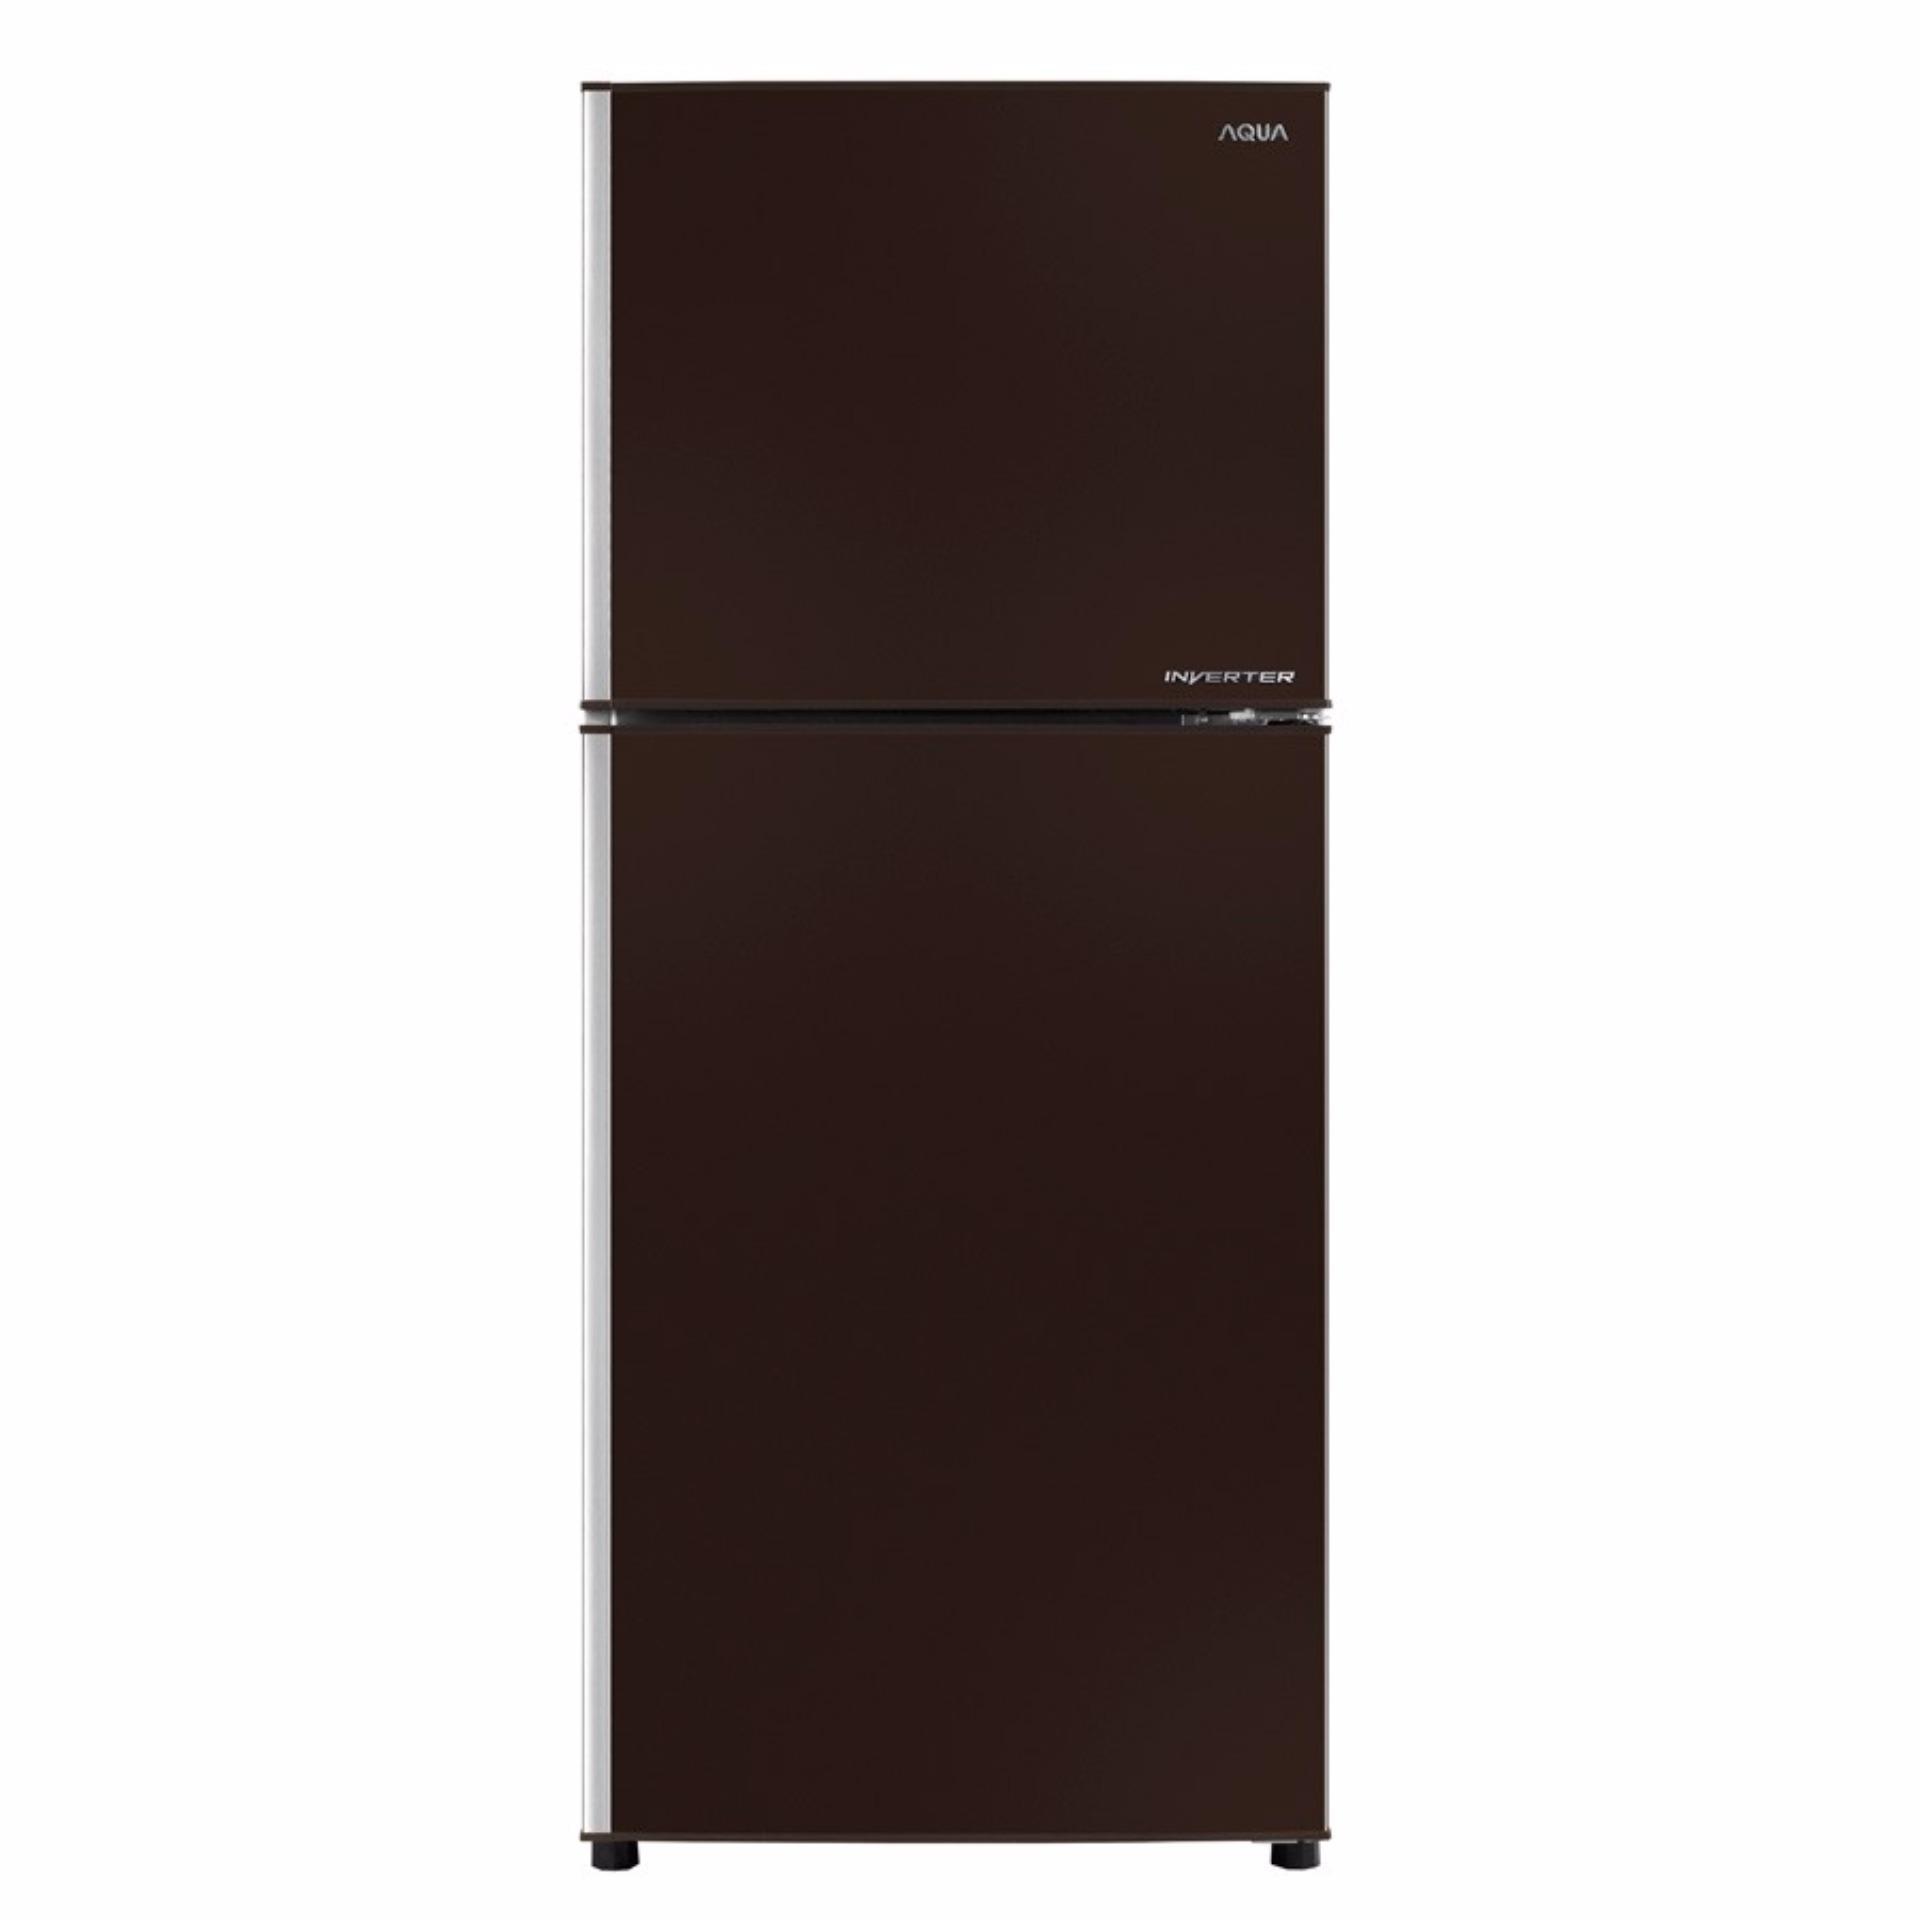 Tủ lạnh Aqua AQR-IP257BN(DB) 252L